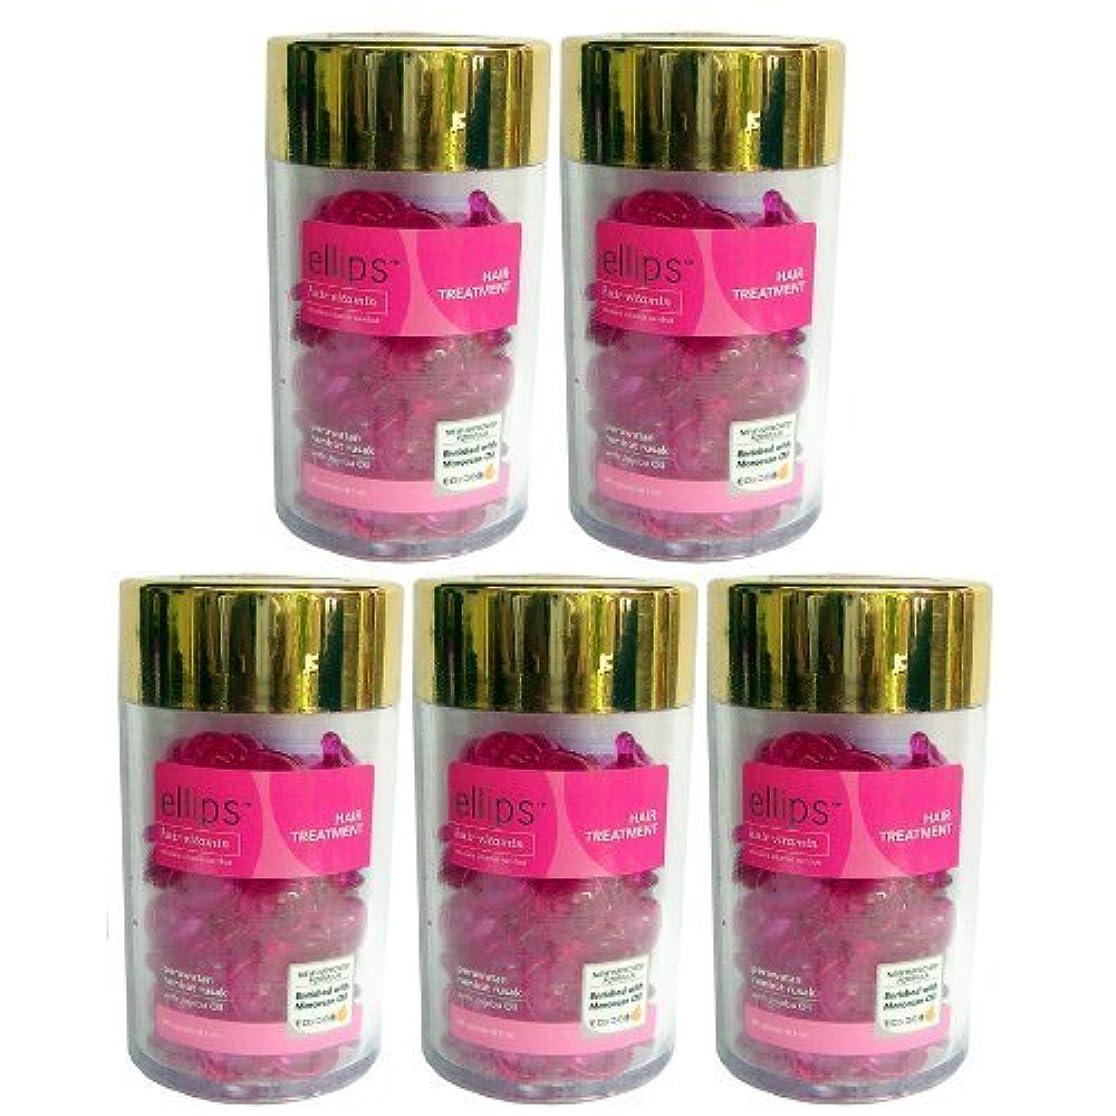 救いサーフィン不快エリップス ellips ヘアビタミン洗い流さないヘアトリートメント(並行輸入品) (ピンク5本)